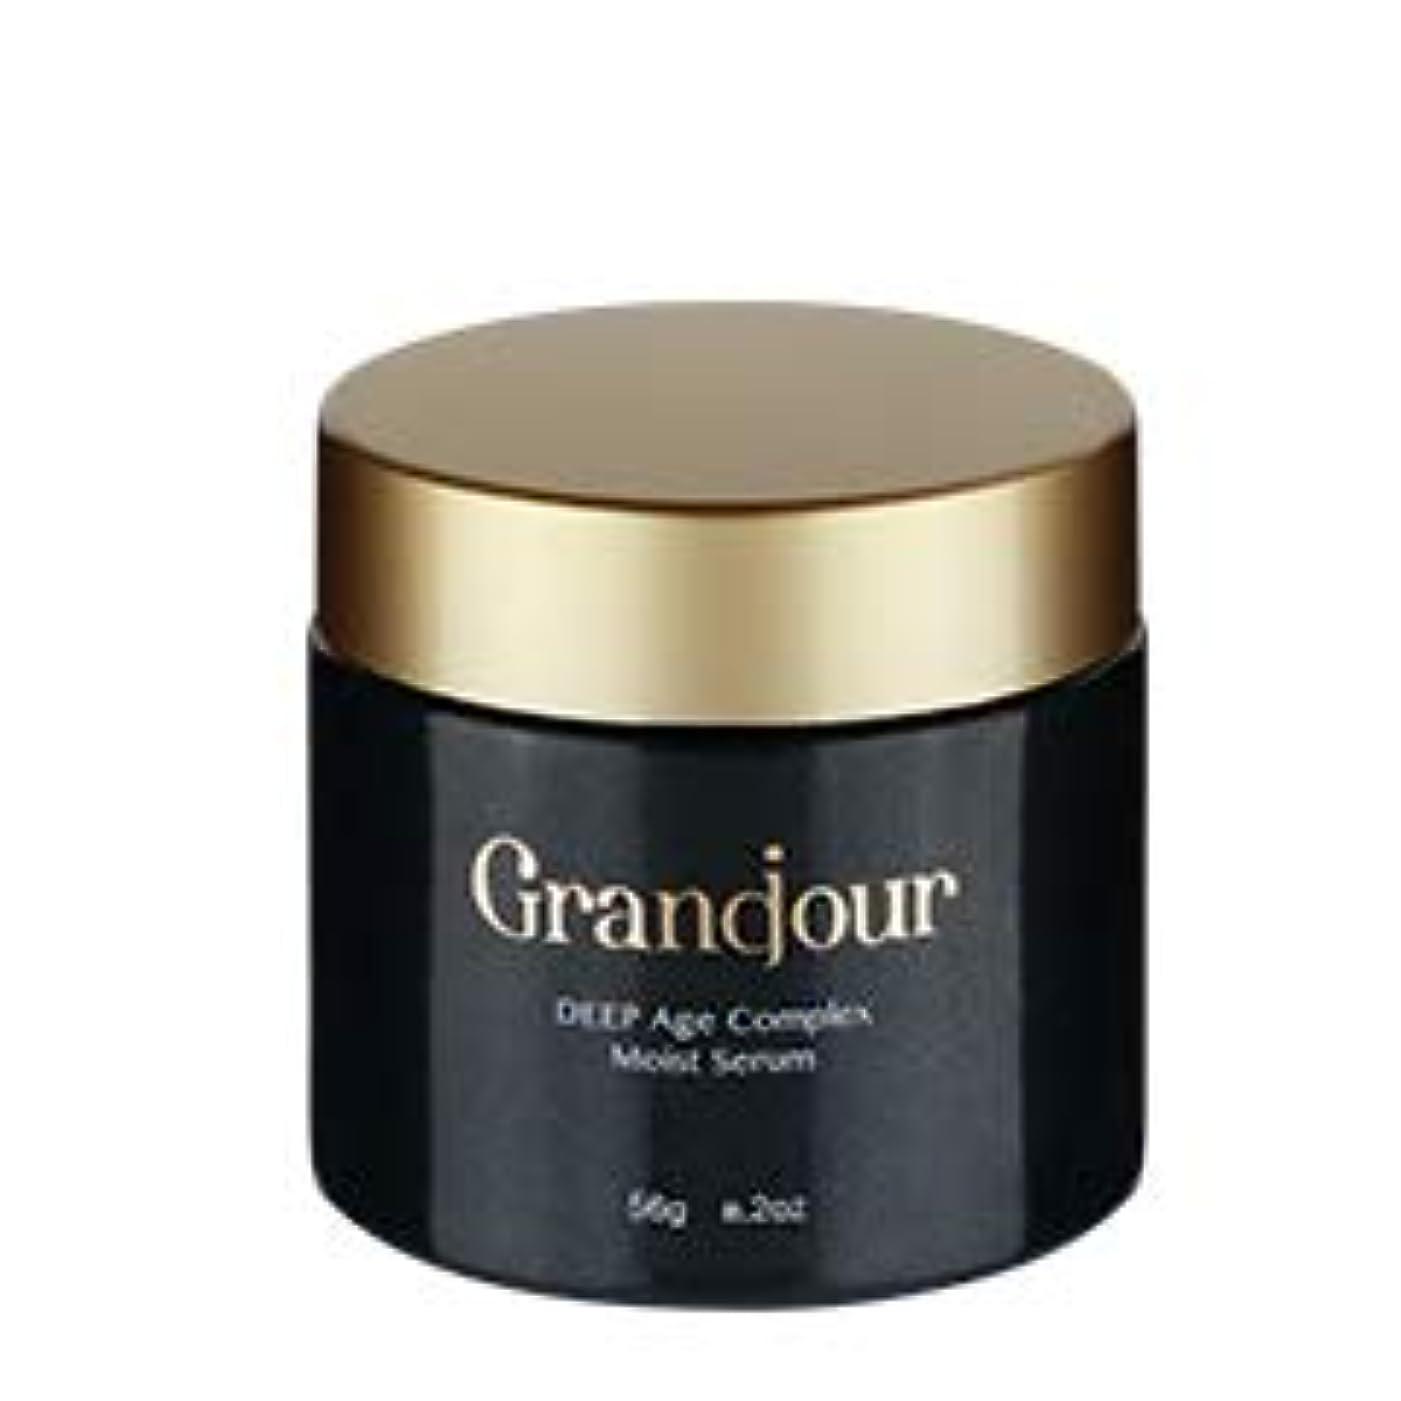 毛皮緩むクライマックスグランジュールクリーム ~DEEP Age complex Moist Serum~ クリーム 56g Granojour 高級クリーム